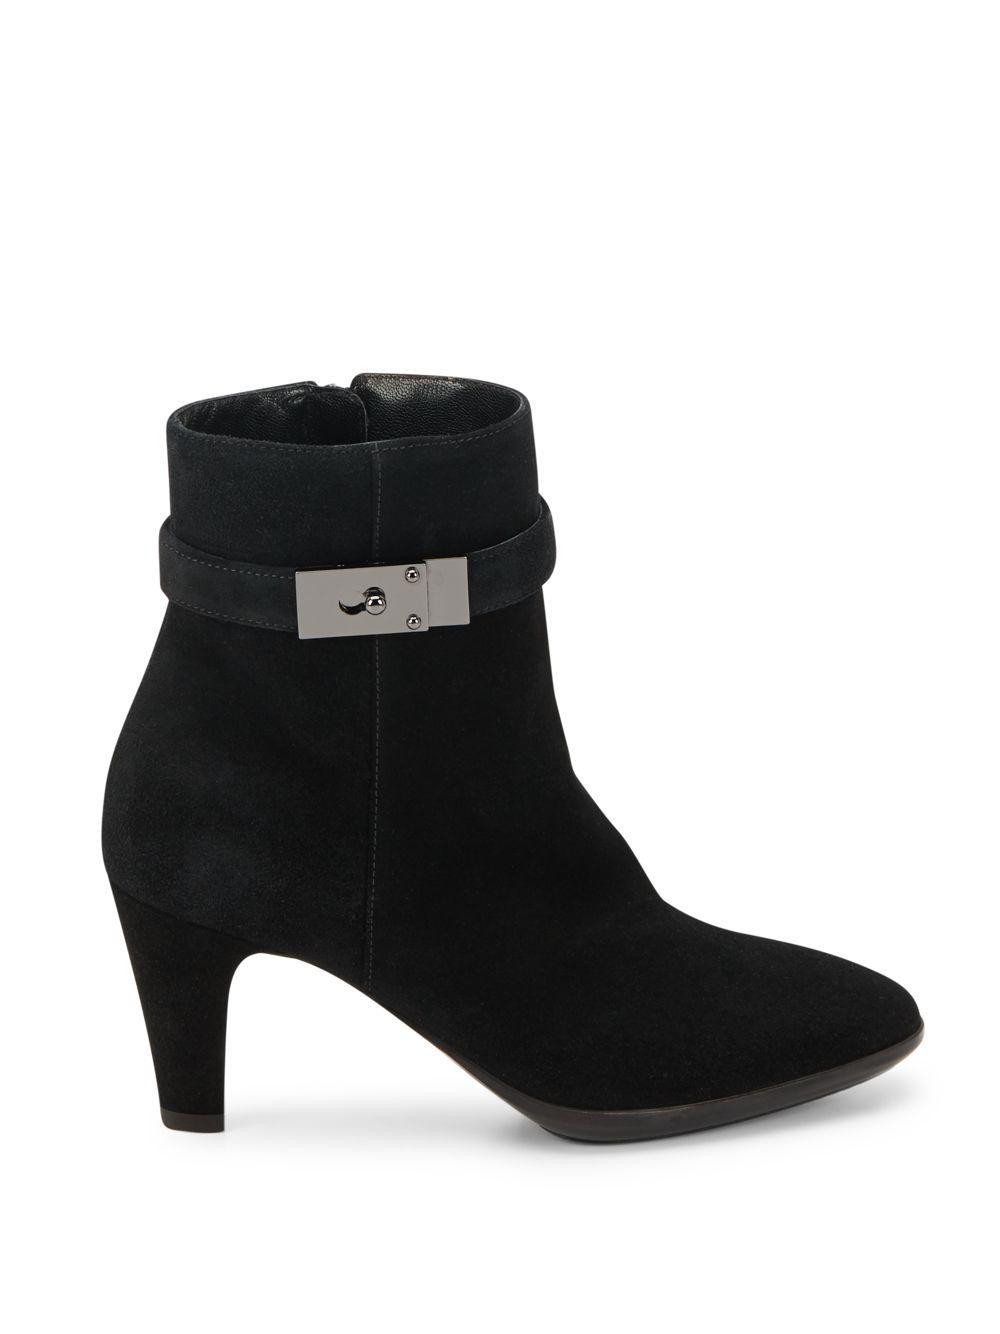 Aquatalia Dana Suede Ankle Boots in Black